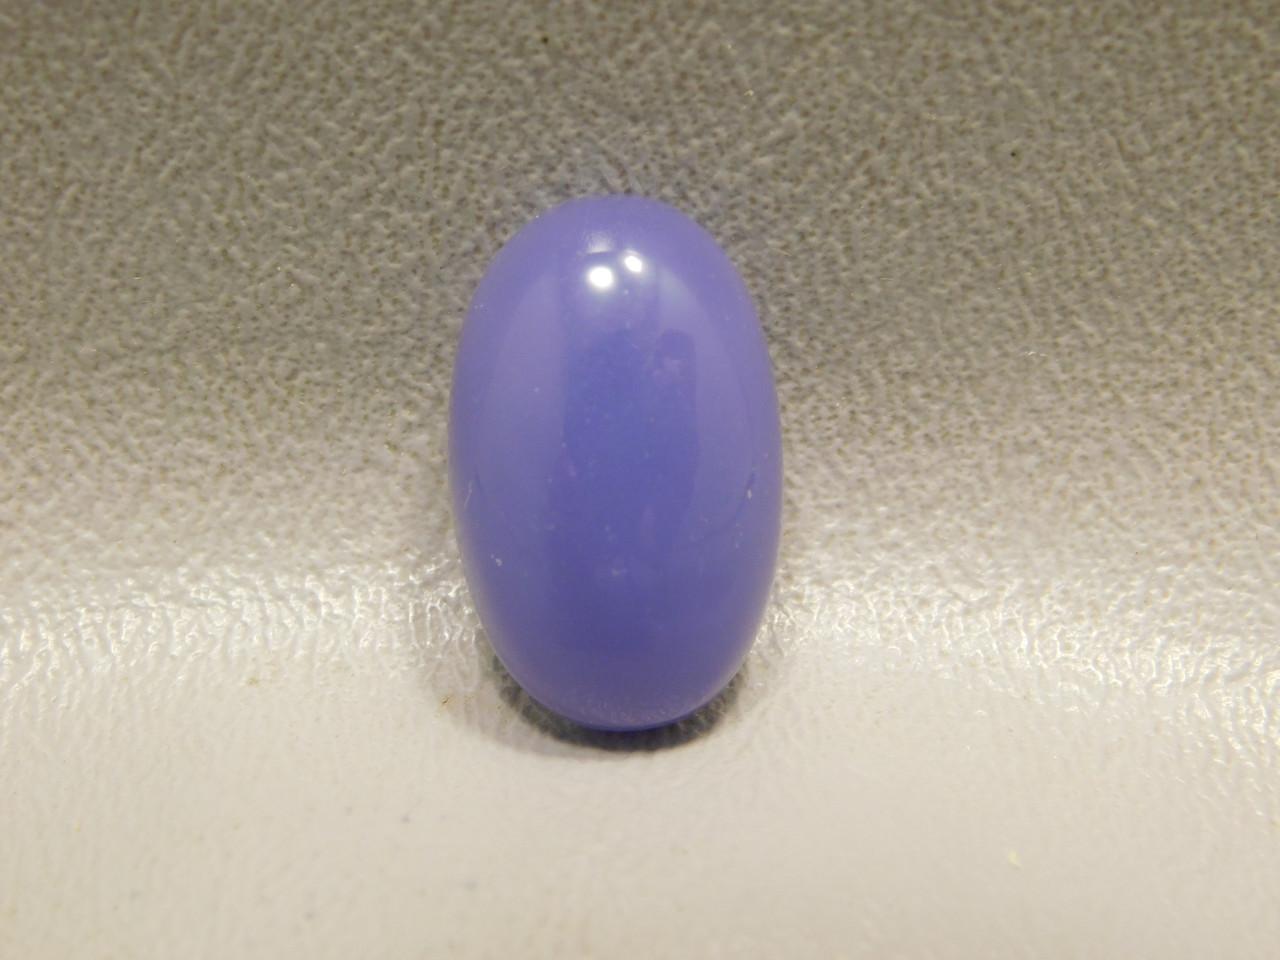 Lavender Fluorite Cabochon Designer Purple Semi Precious Gemstone #11